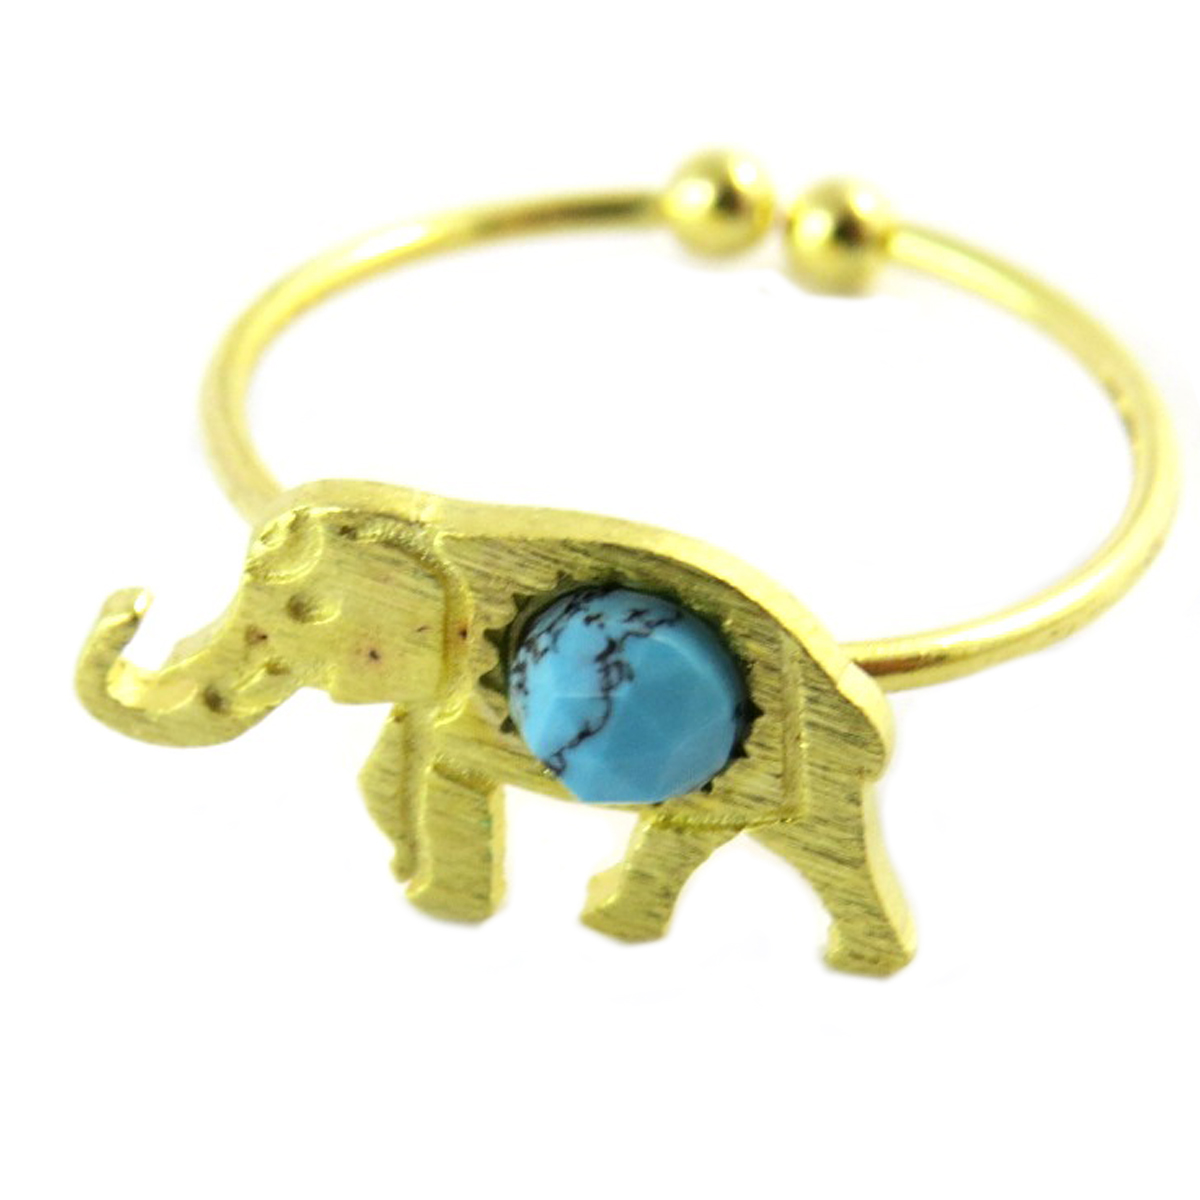 Bague artisanale \'Boho\' turquoise doré (éléphant)- 15x9 mm - [Q1470]